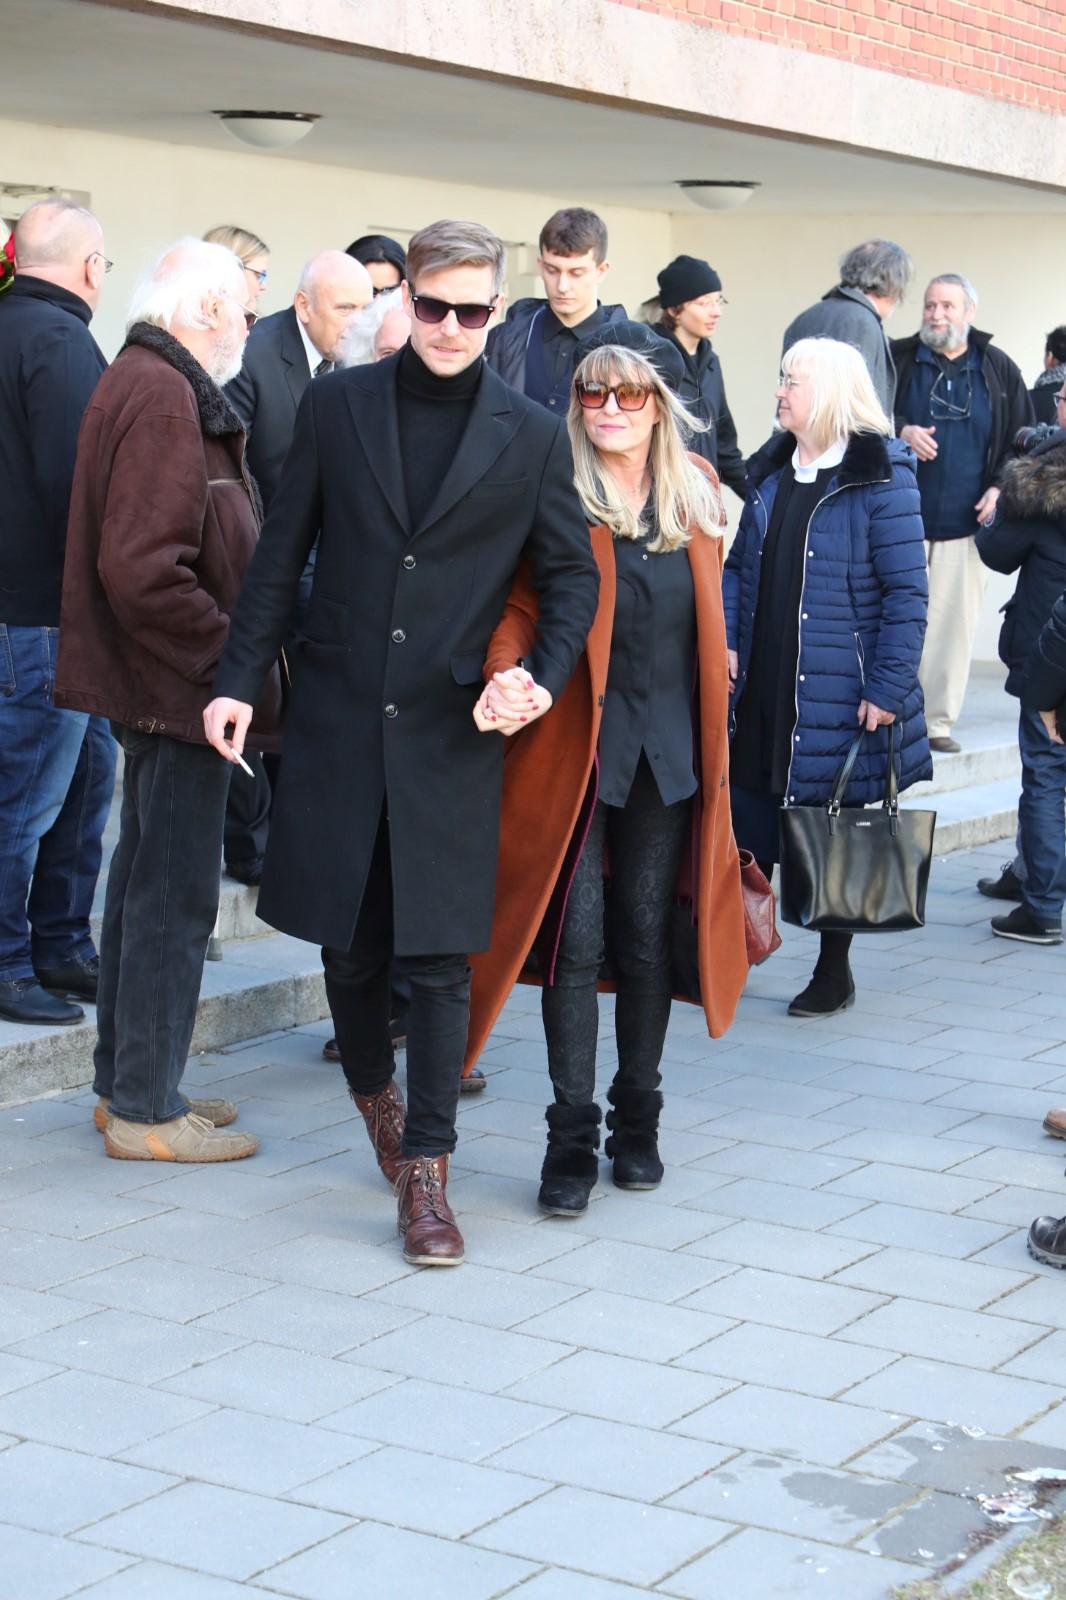 Pohřeb Jiřího Pechy: Chantal Poullain a její syn Vladimír Polívka